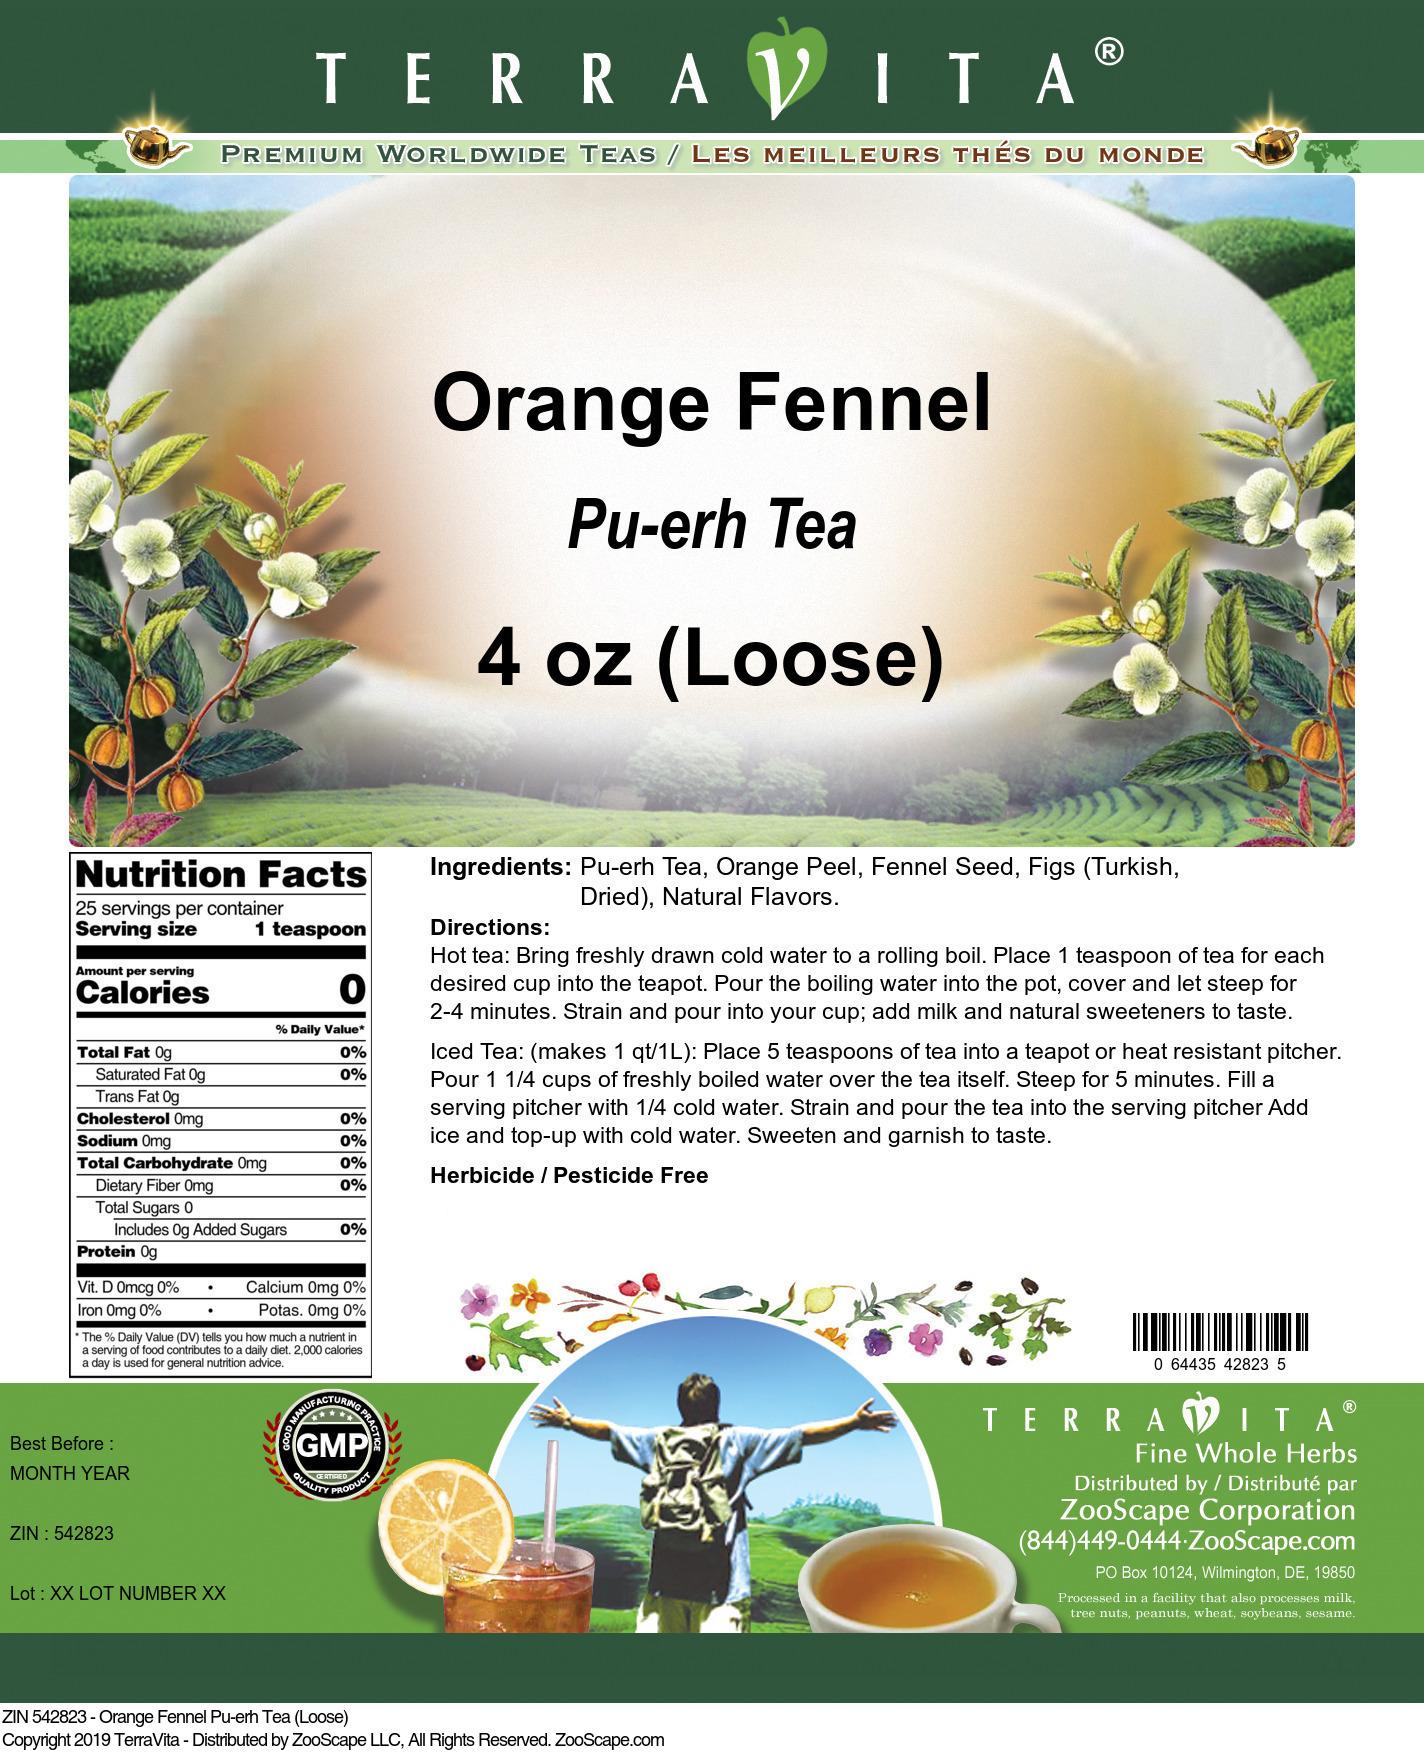 Orange Fennel Pu-erh Tea